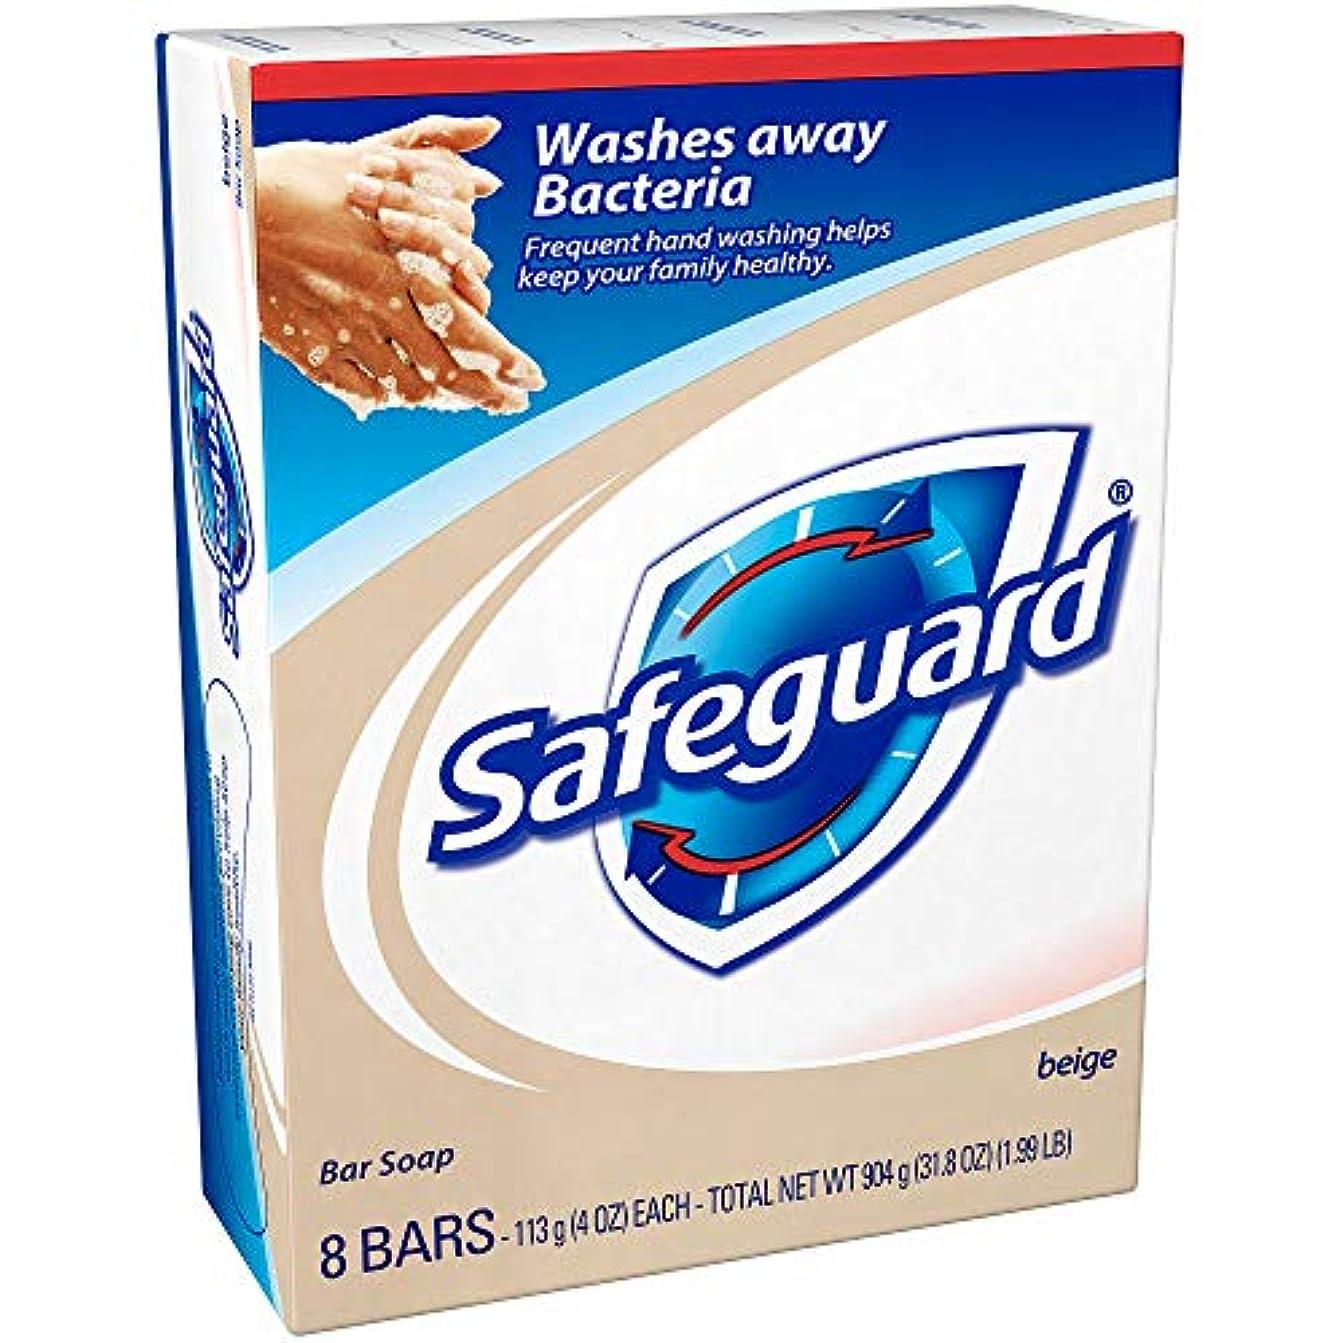 テクトニックハウス超えるSafeguard 抗菌消臭石鹸、4つのオズバー、8 Eaは(4パック)